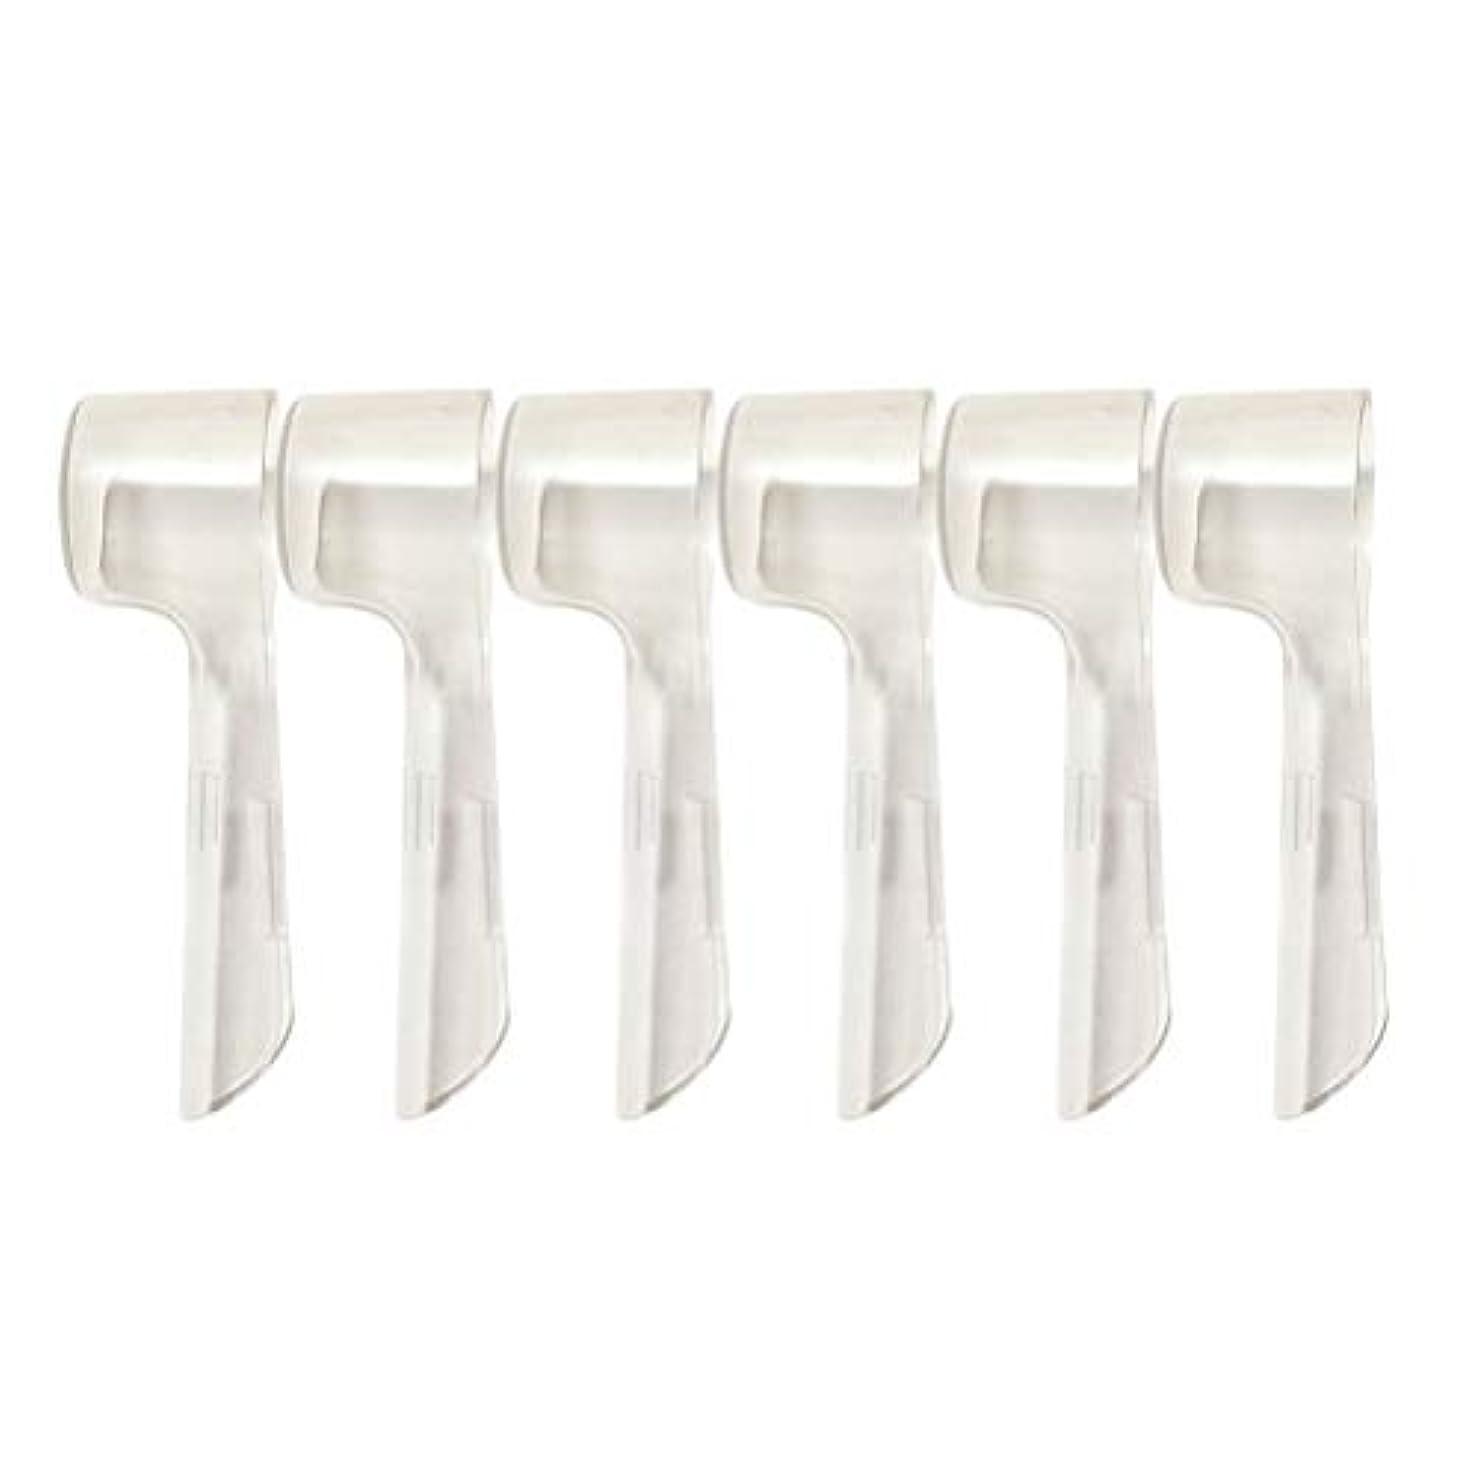 スクリュー嫌い露骨なHealifty 10本の歯ブラシカバー電動歯ブラシは旅行やその他の衛生に便利です。